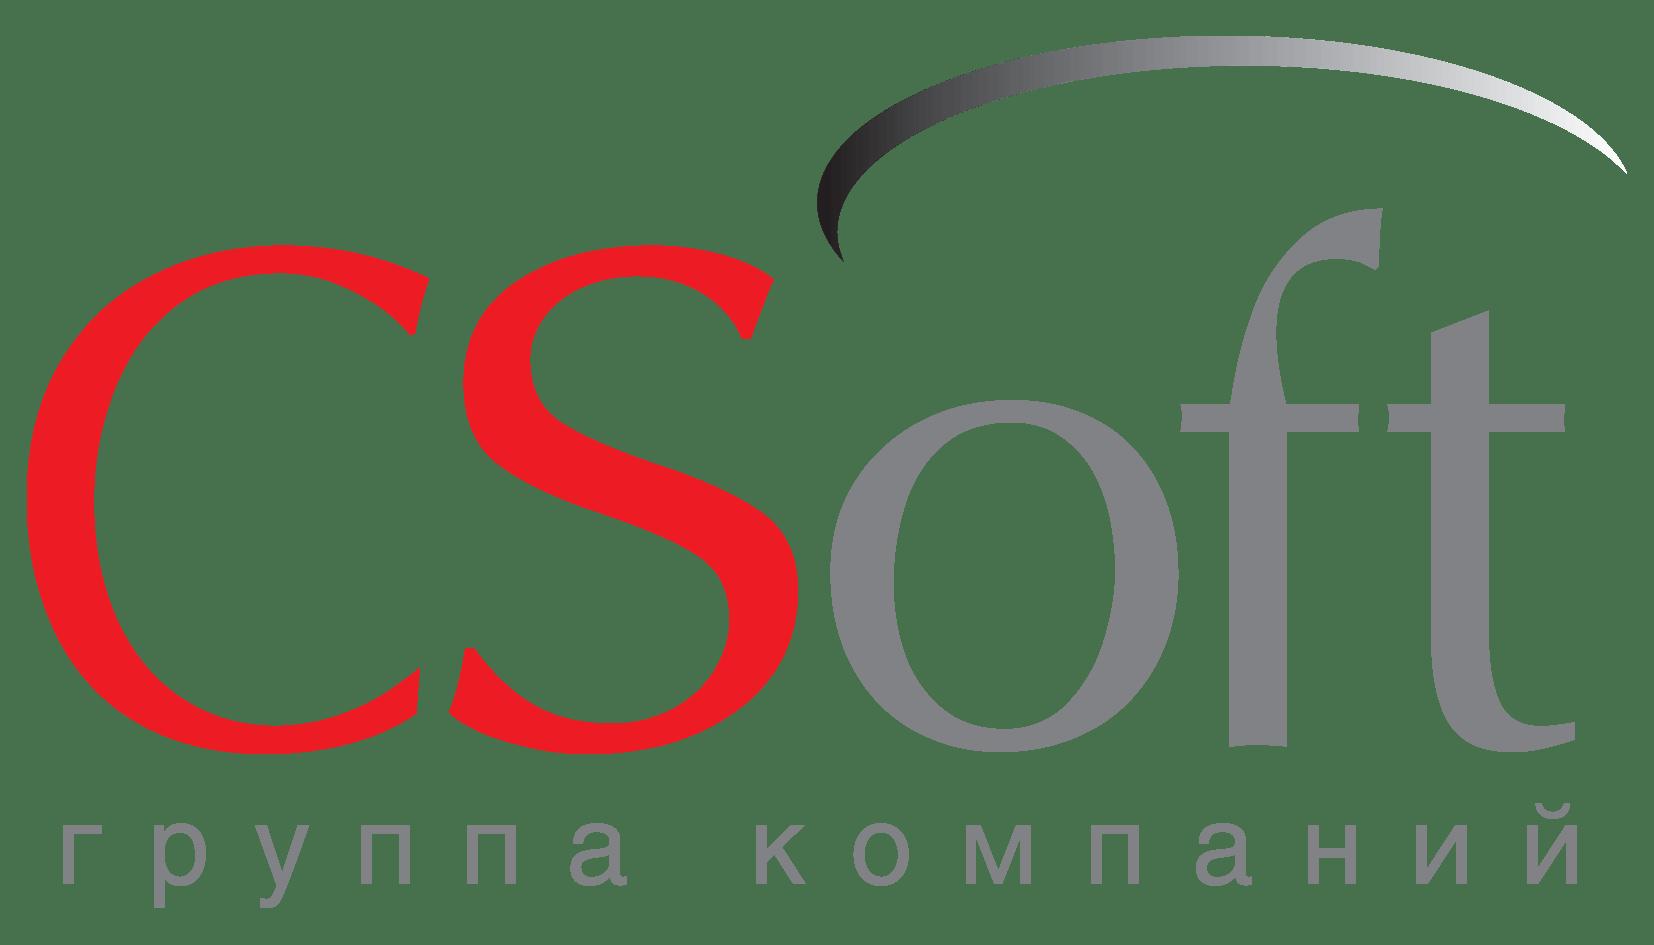 CSoft.png